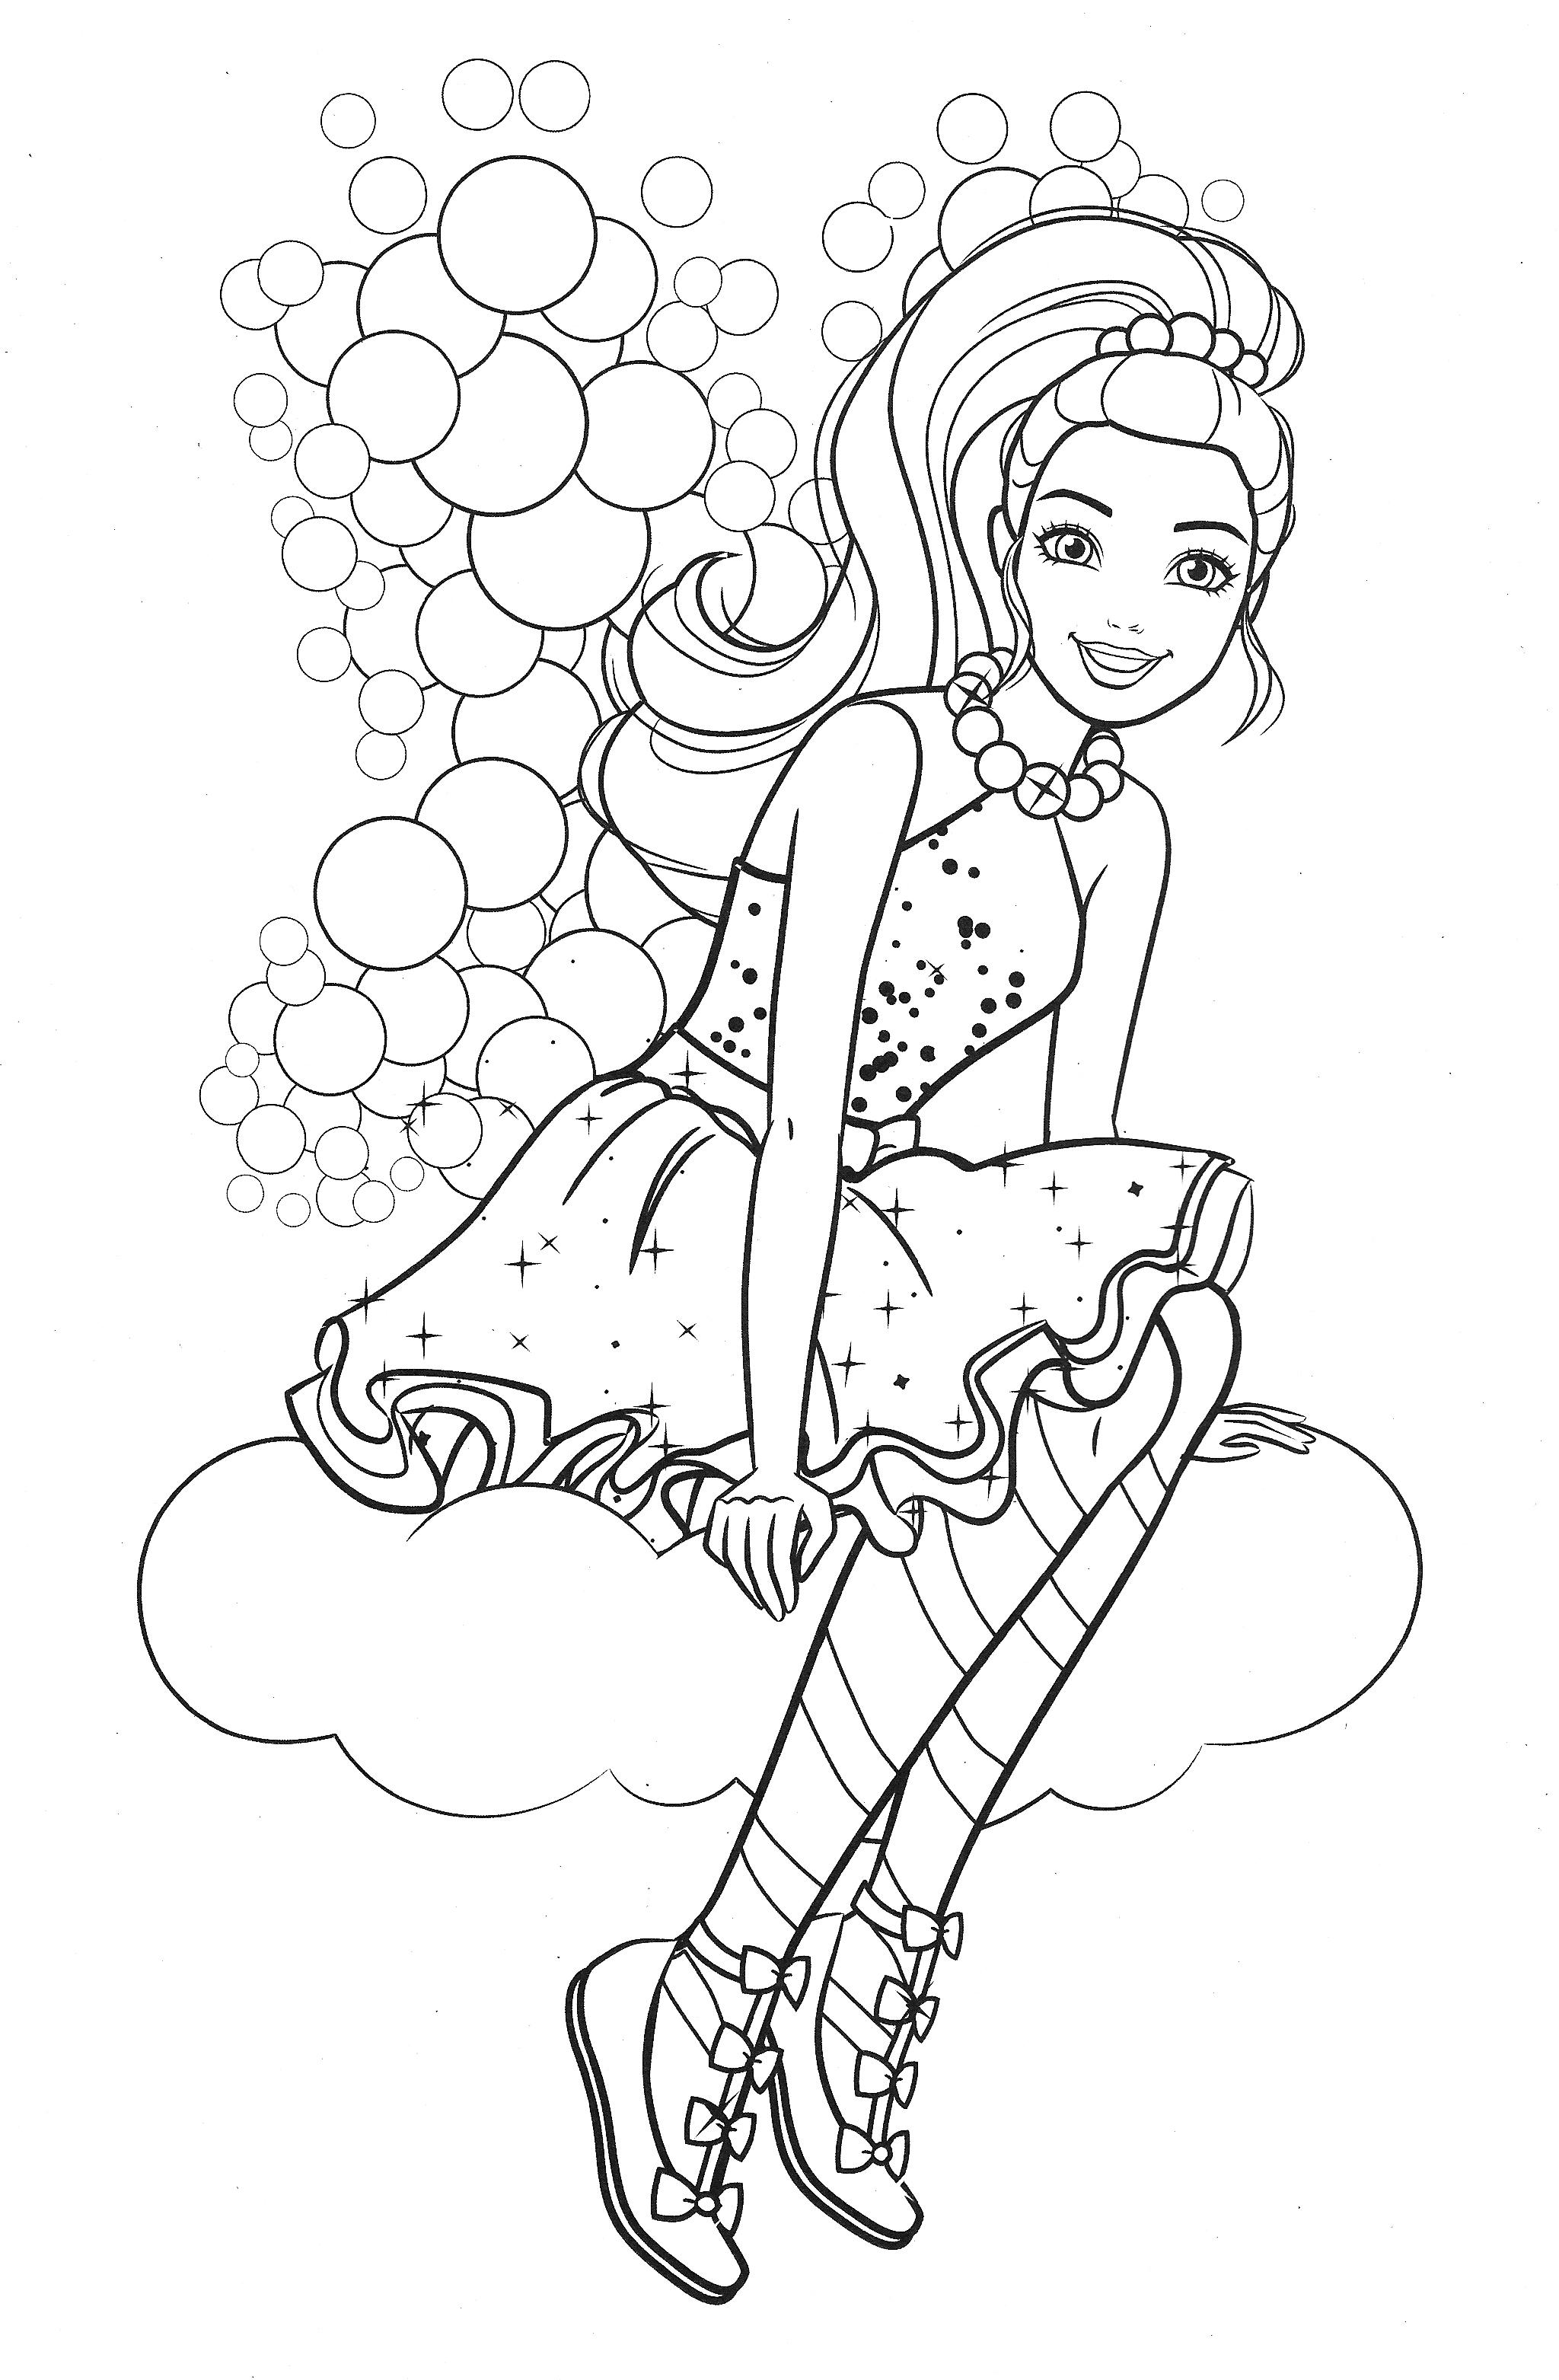 Раскраска Барби в облике феи на облаке - Раскраски Барби ...